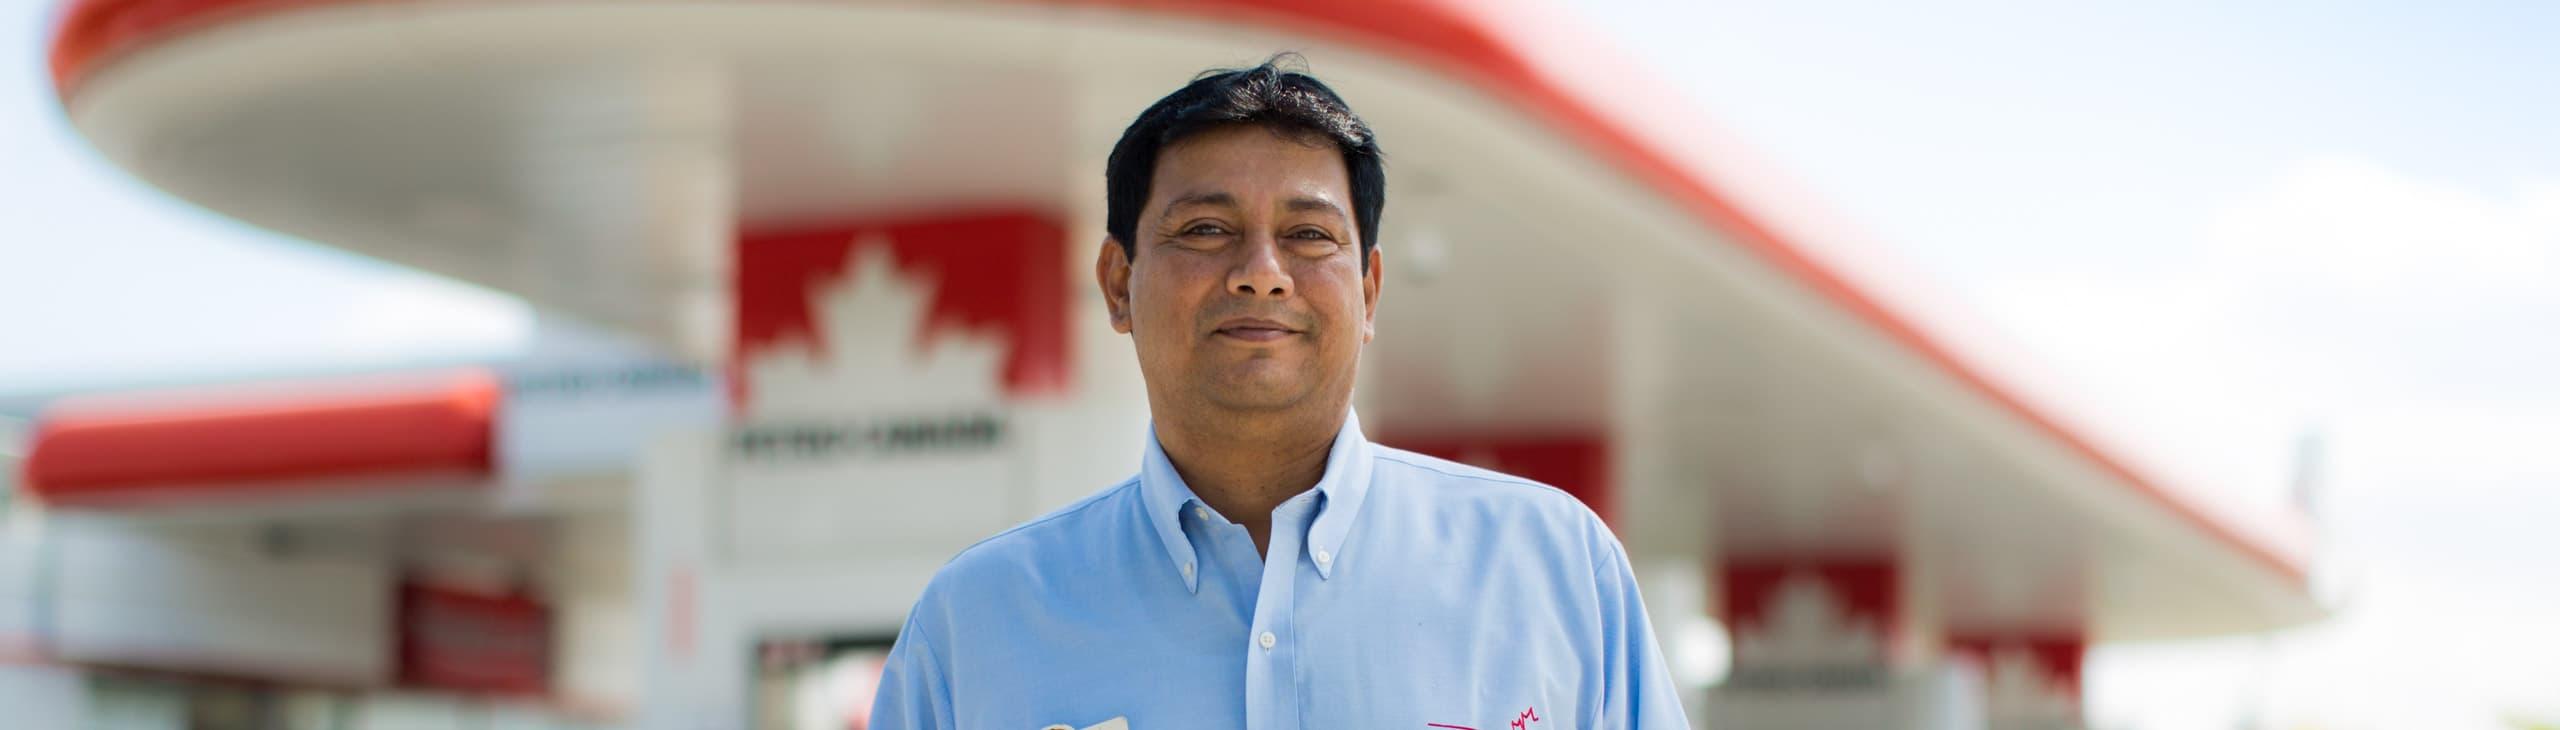 L'exploitant d'un établissement de ventes au détail Petro-Canada devant son dépanneur.